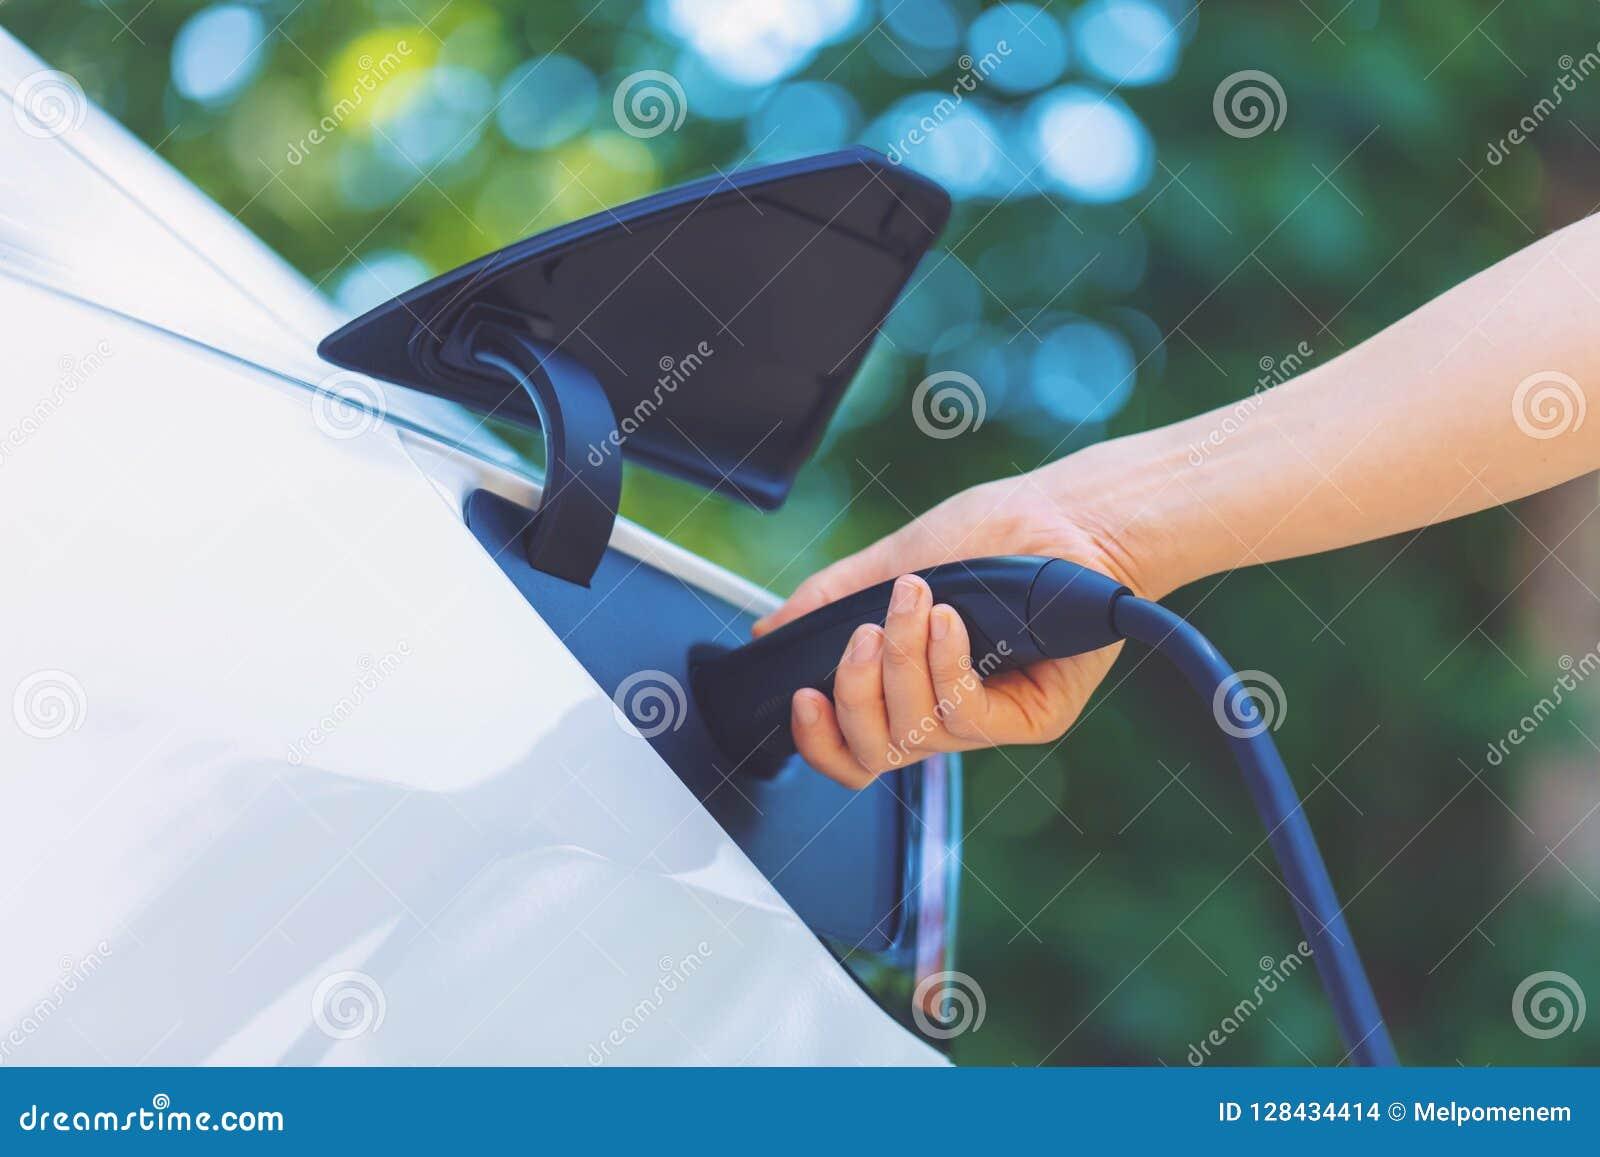 Carregando um veículo elétrico